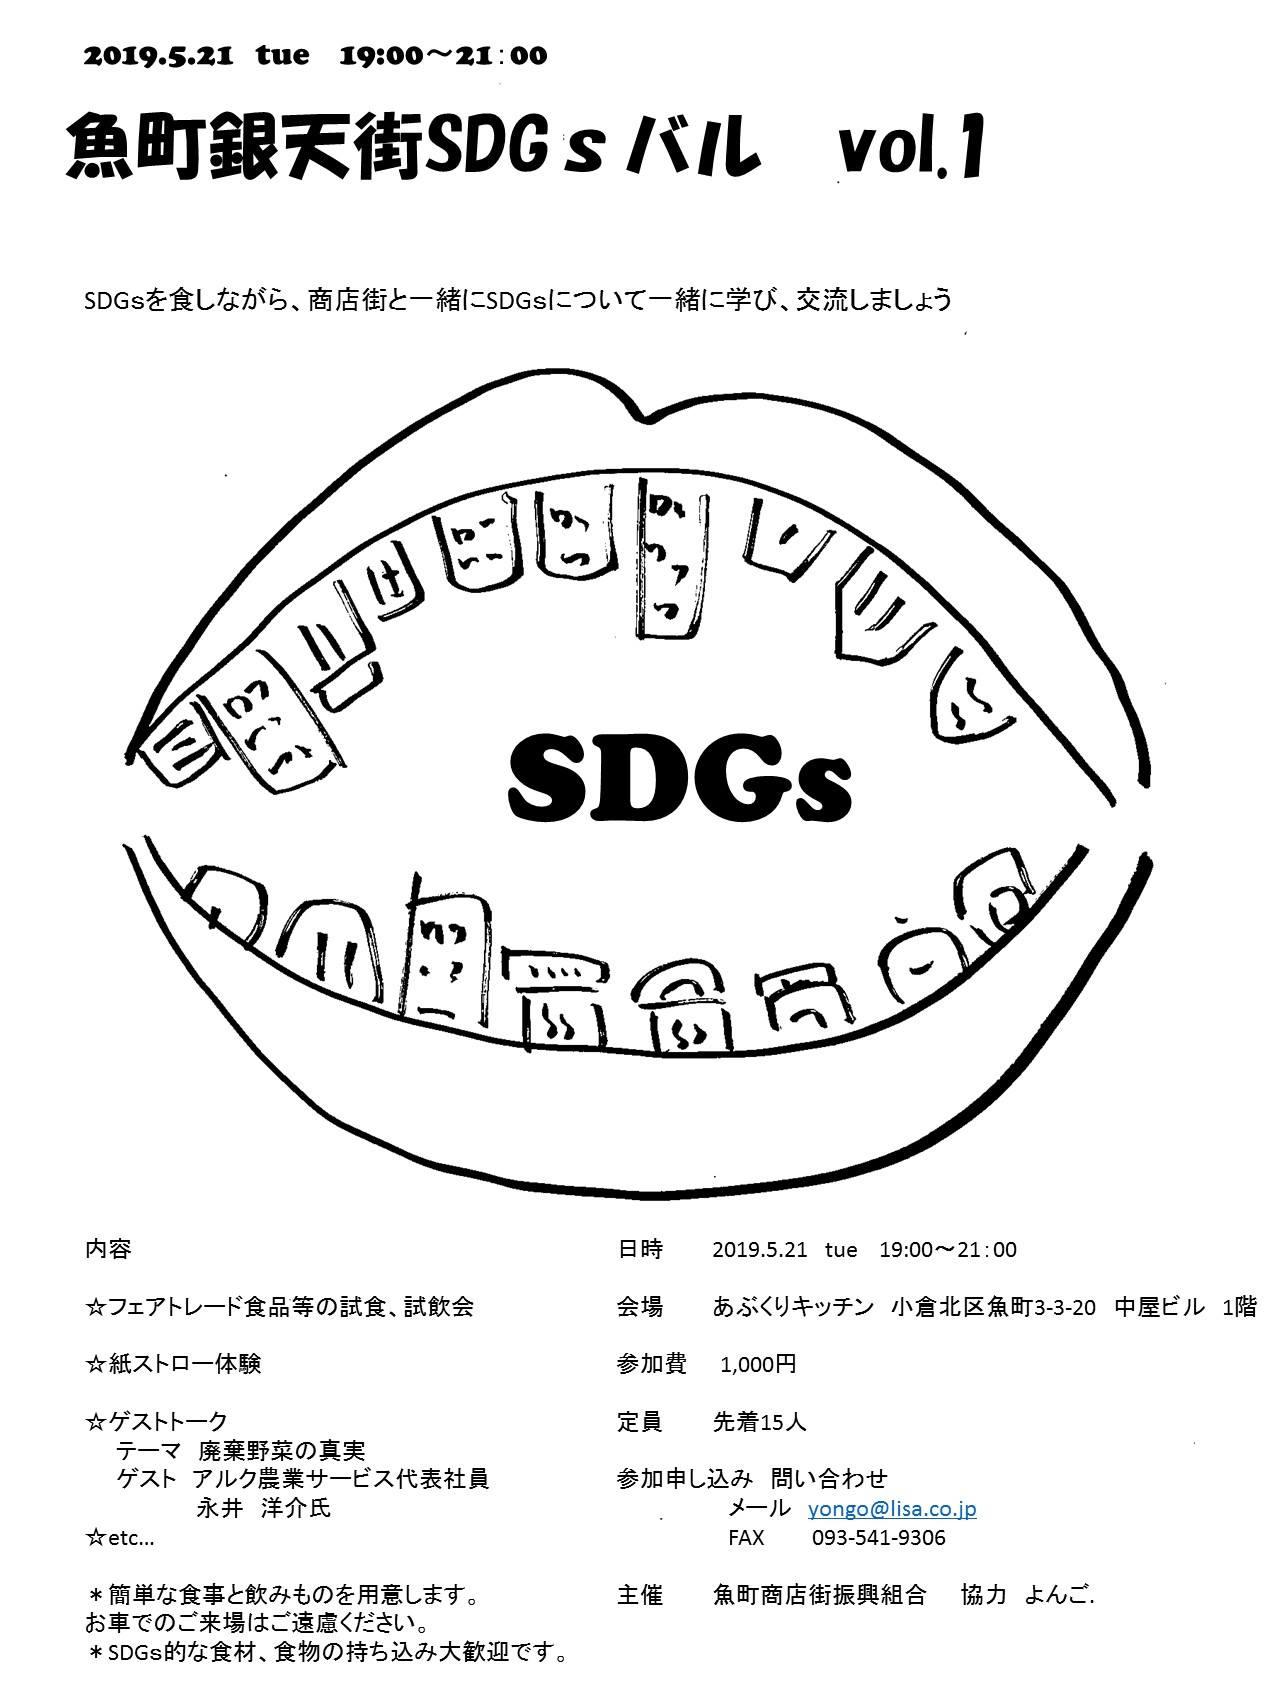 魚町銀天街SDGsバル01